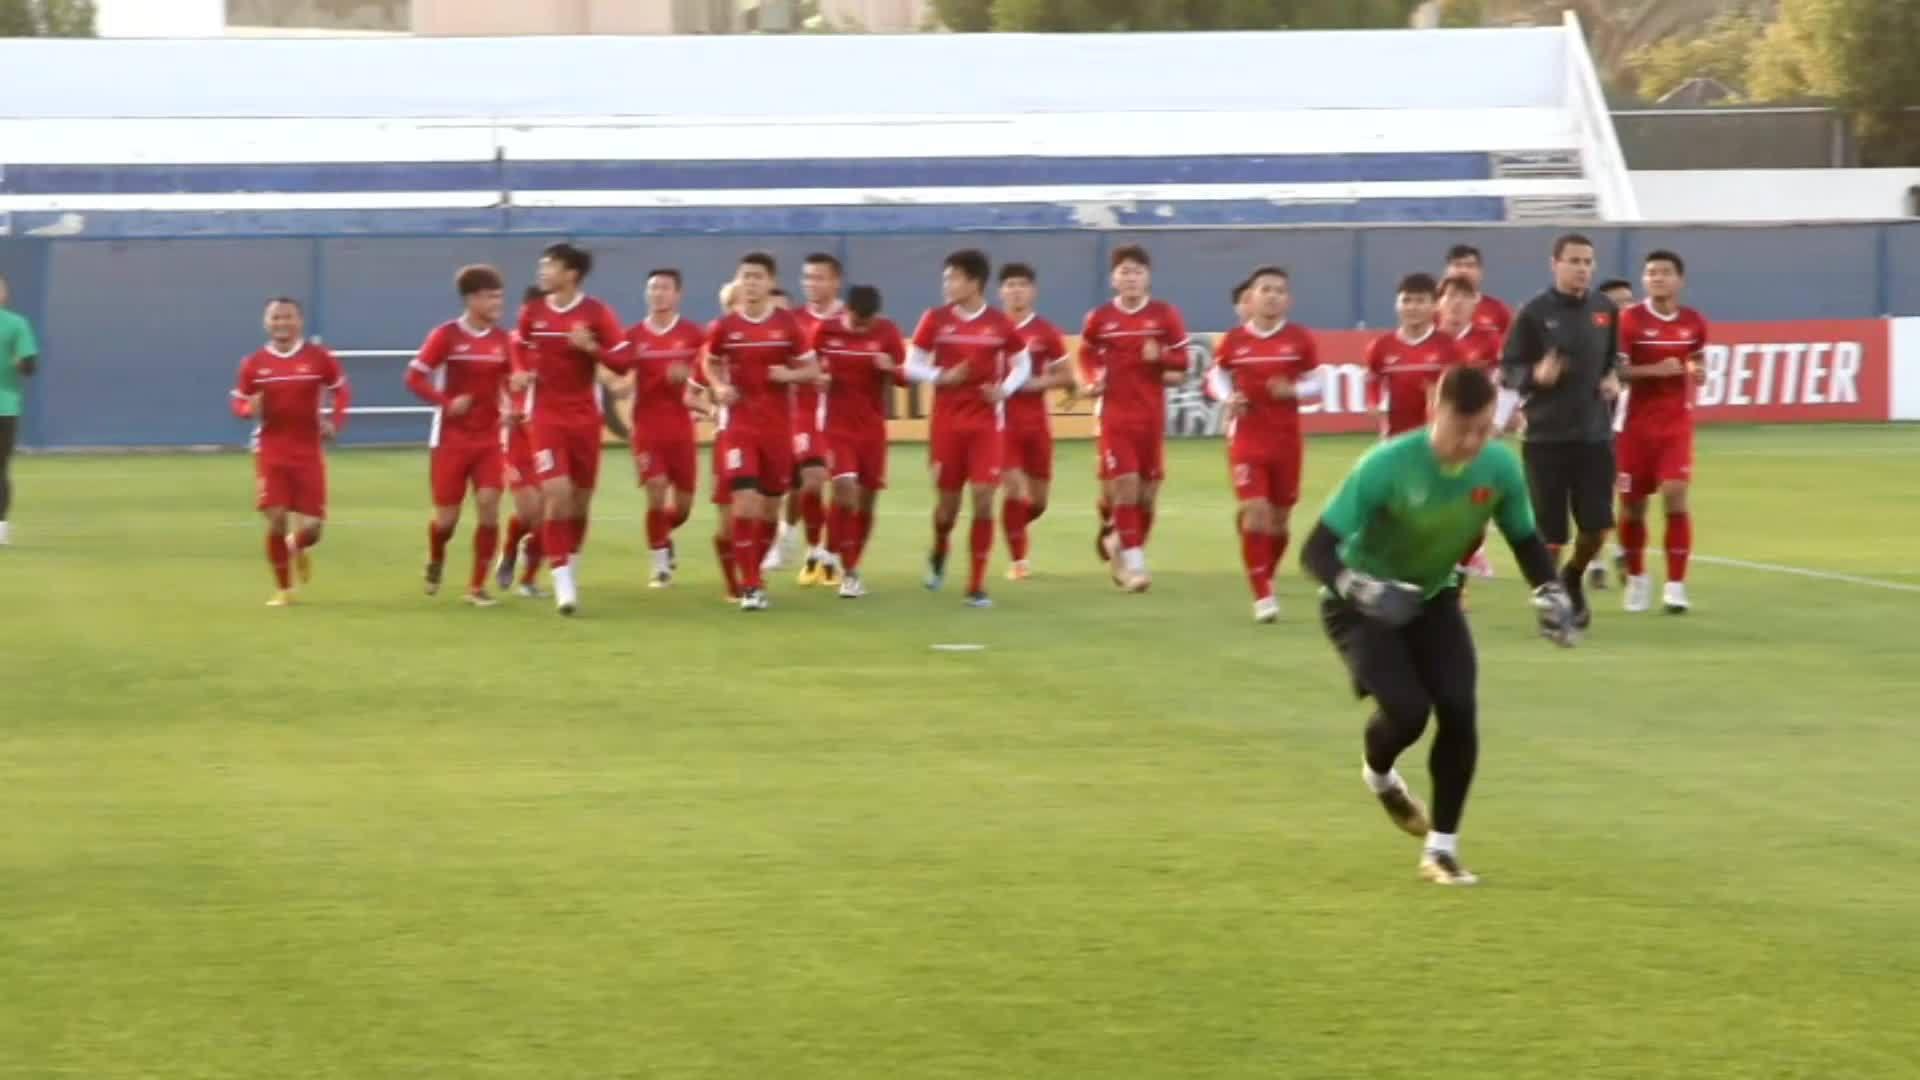 Tuyển Việt Nam hào hứng luyện tập cho trận đấu với Jordan